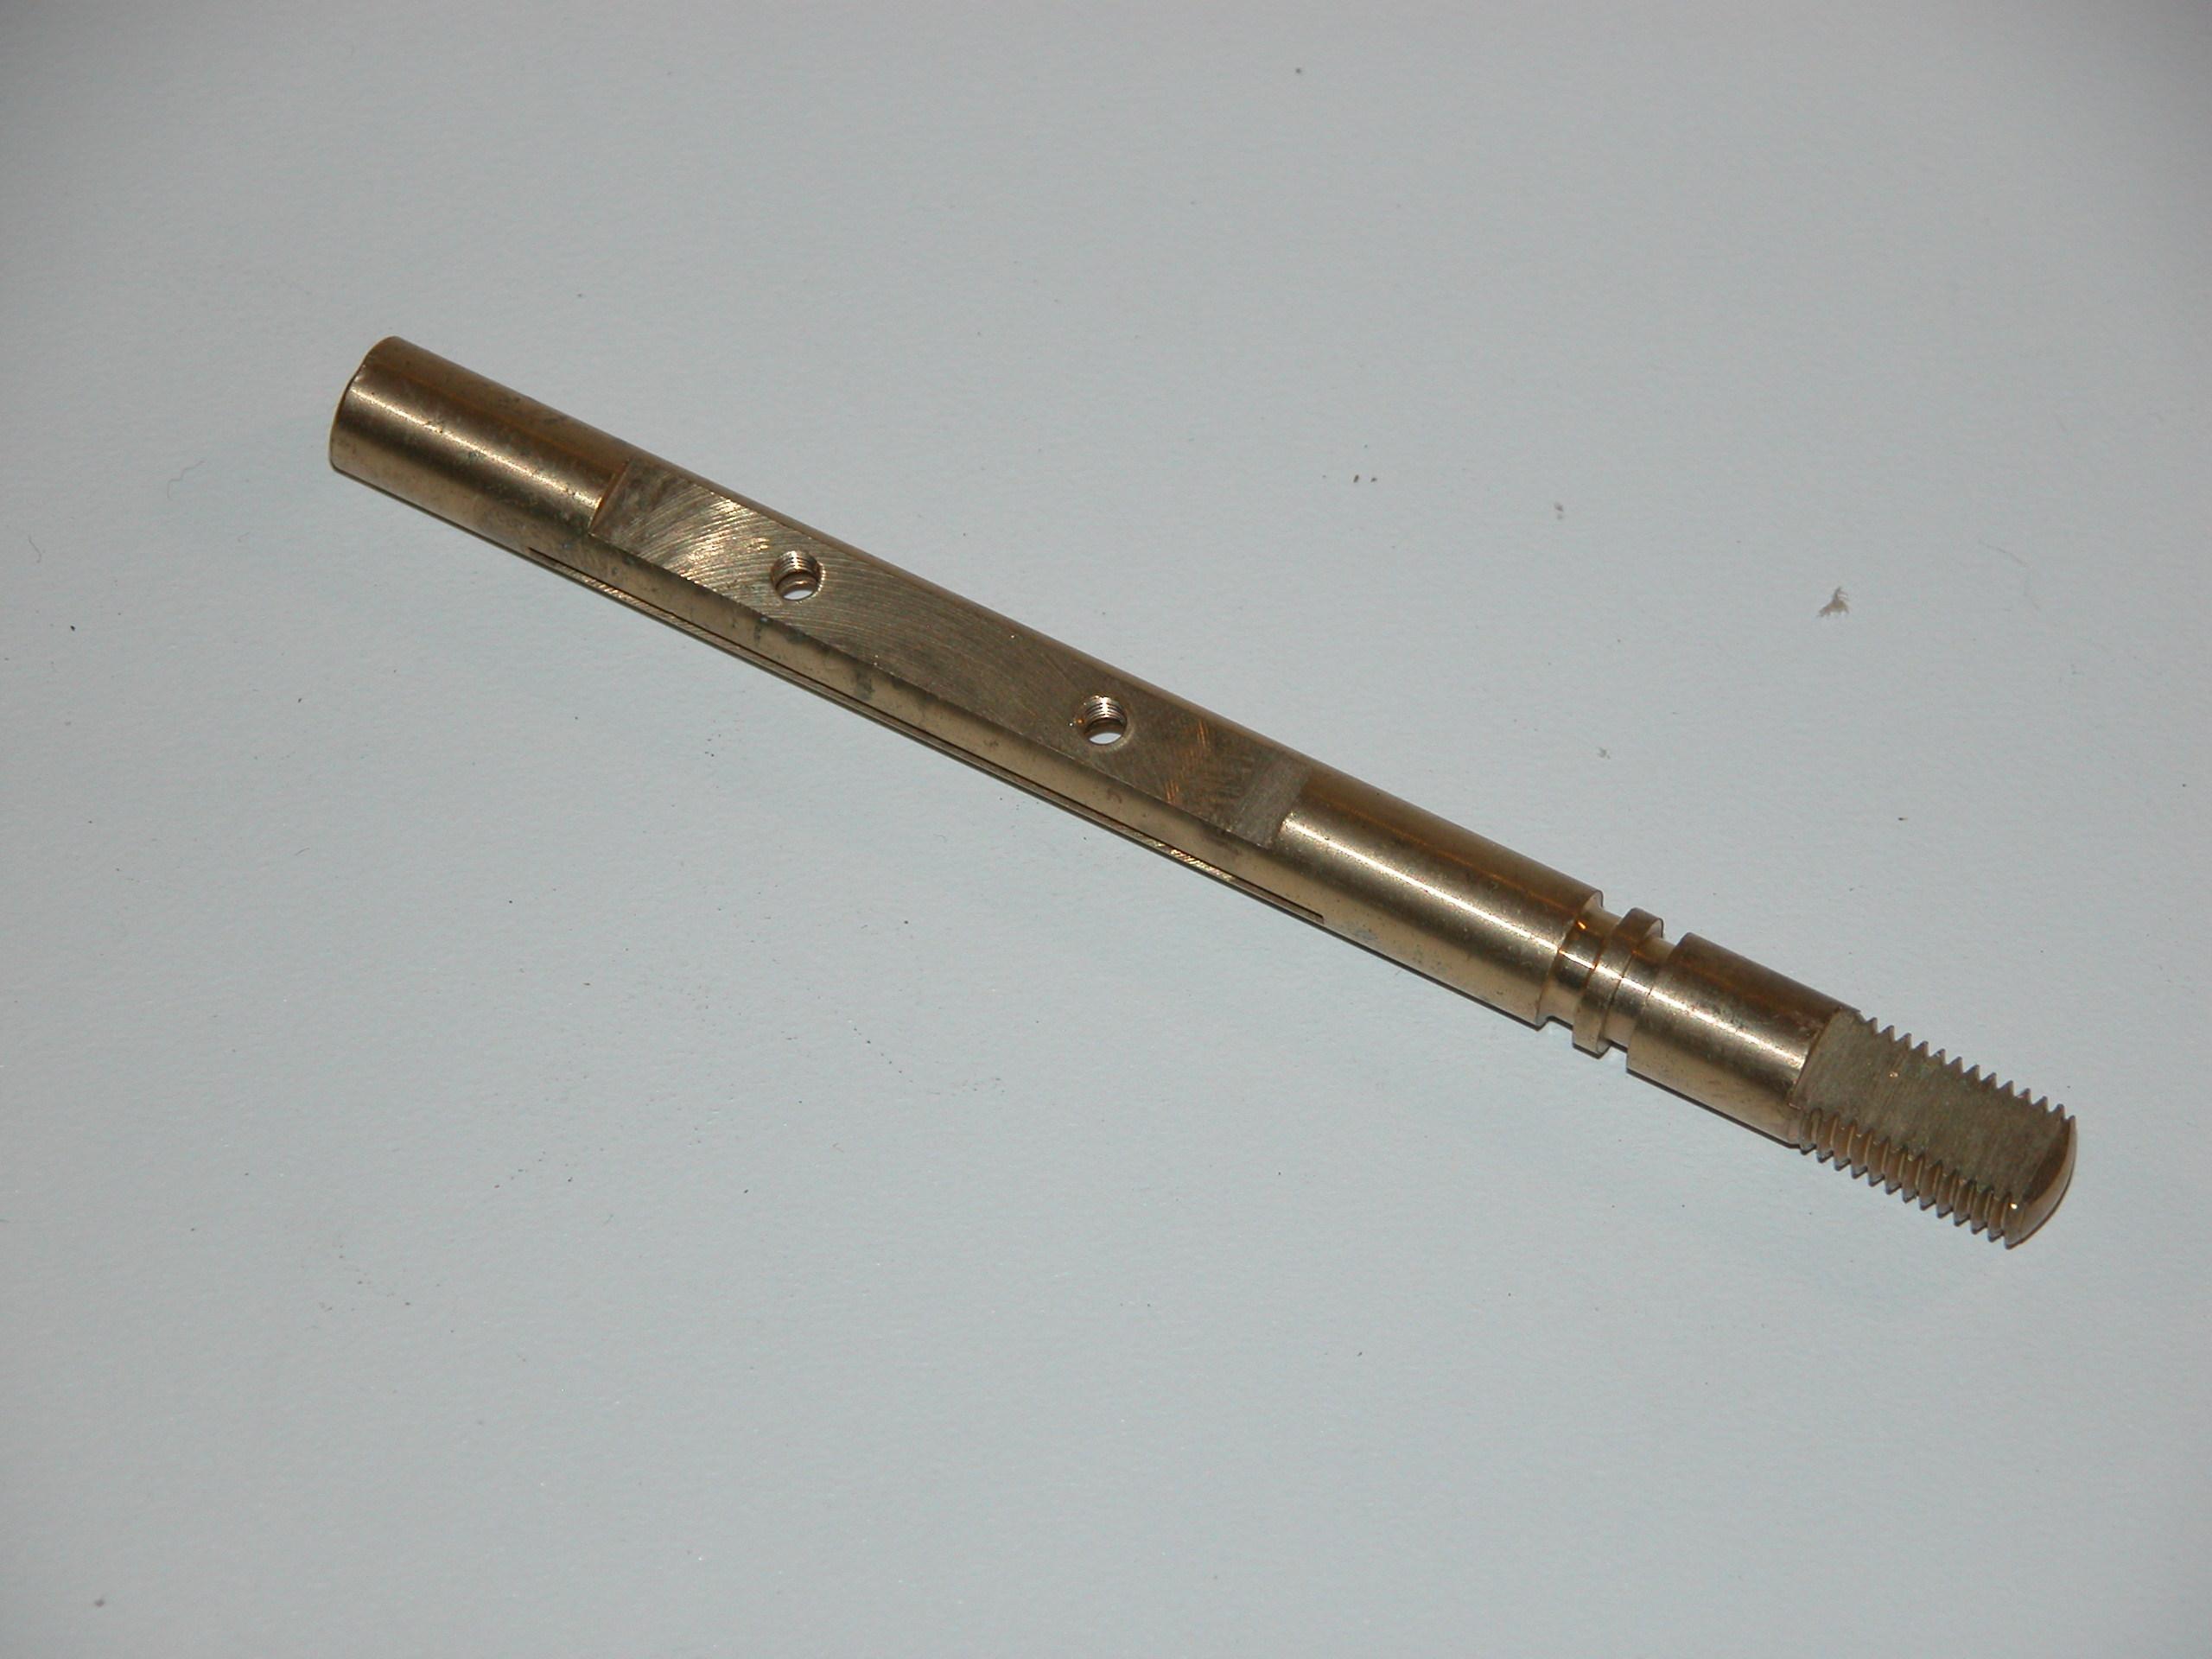 Welle für Drosselklappe BING  32 - 40mm Vergaser